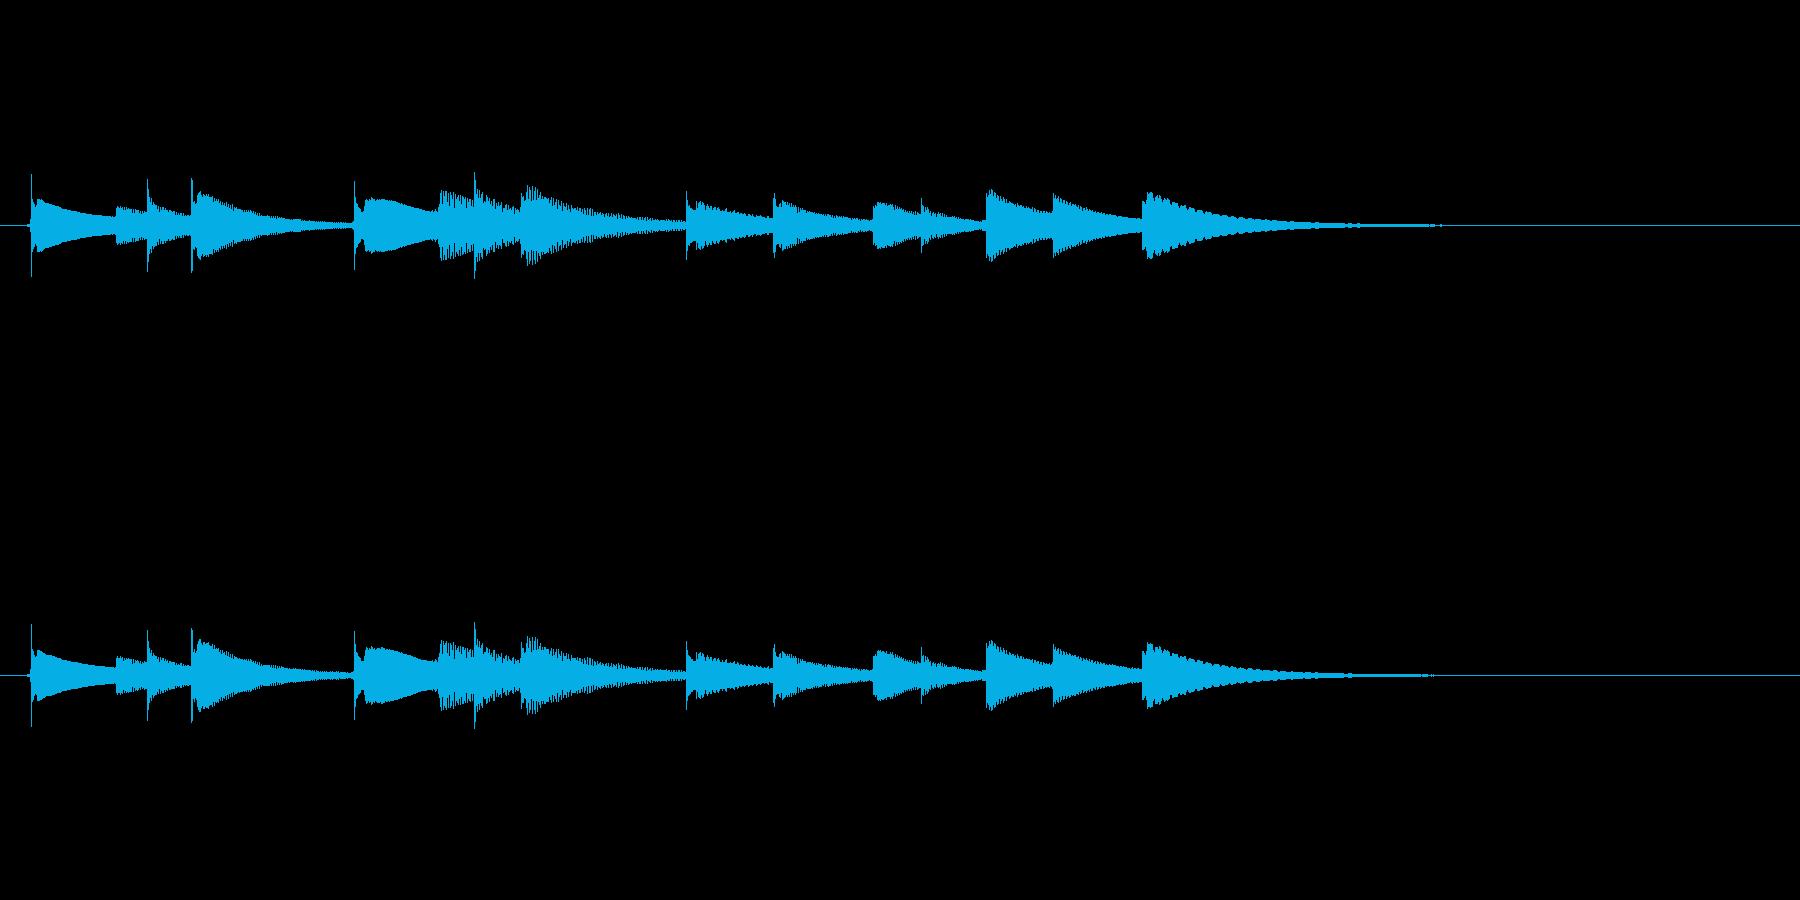 オルゴールアイキャッチ音色違いですの再生済みの波形